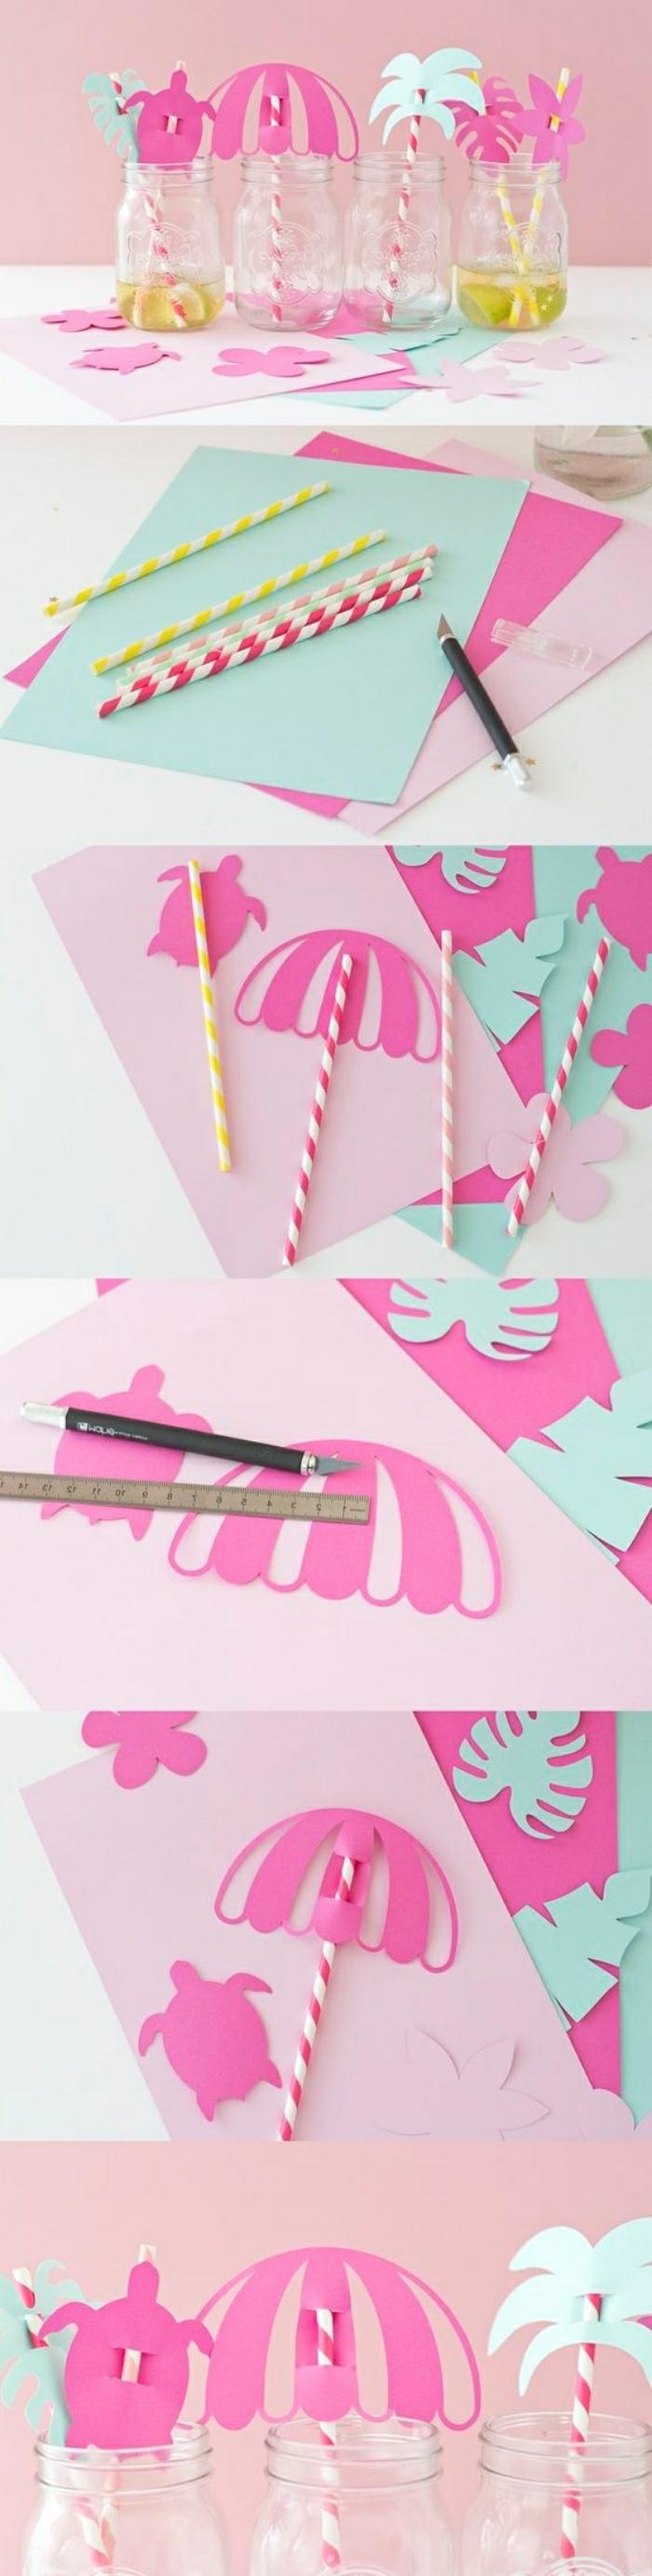 diy deko sommerliche ideen zum nachmachen, pinke deko für cocktails, sonnenschirme aus papier